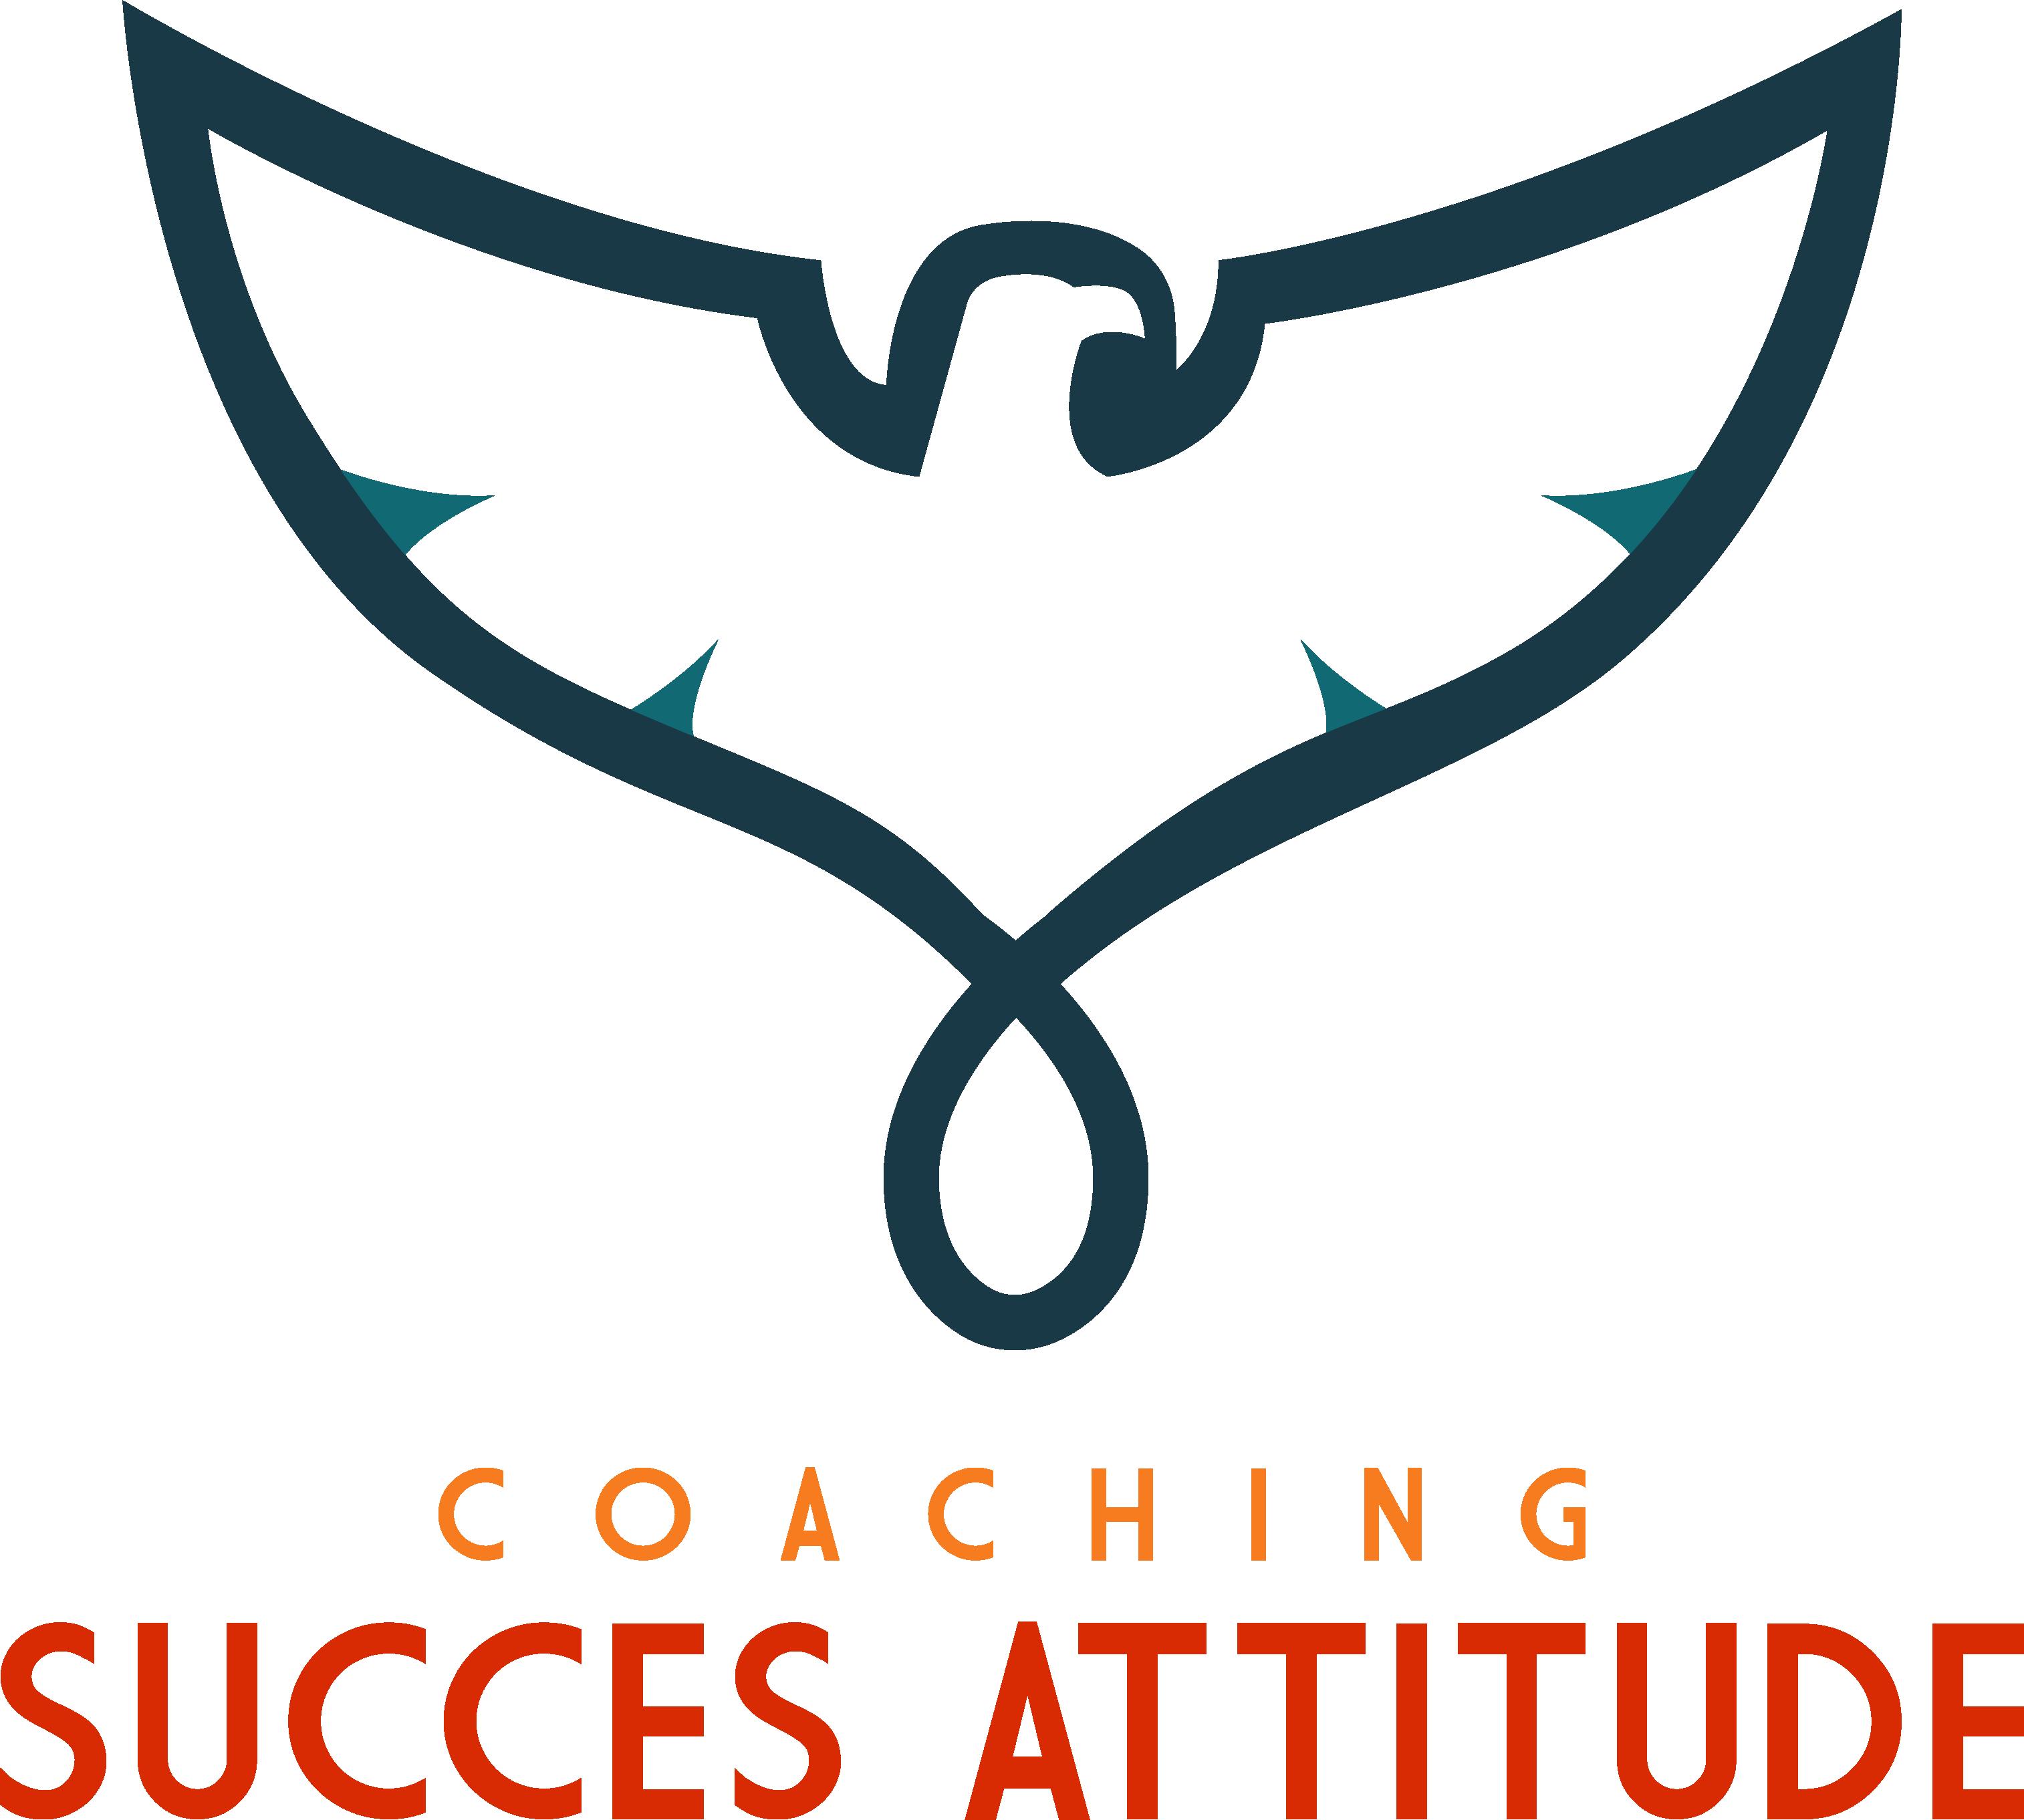 COACHING SUCCES ATTITUDE